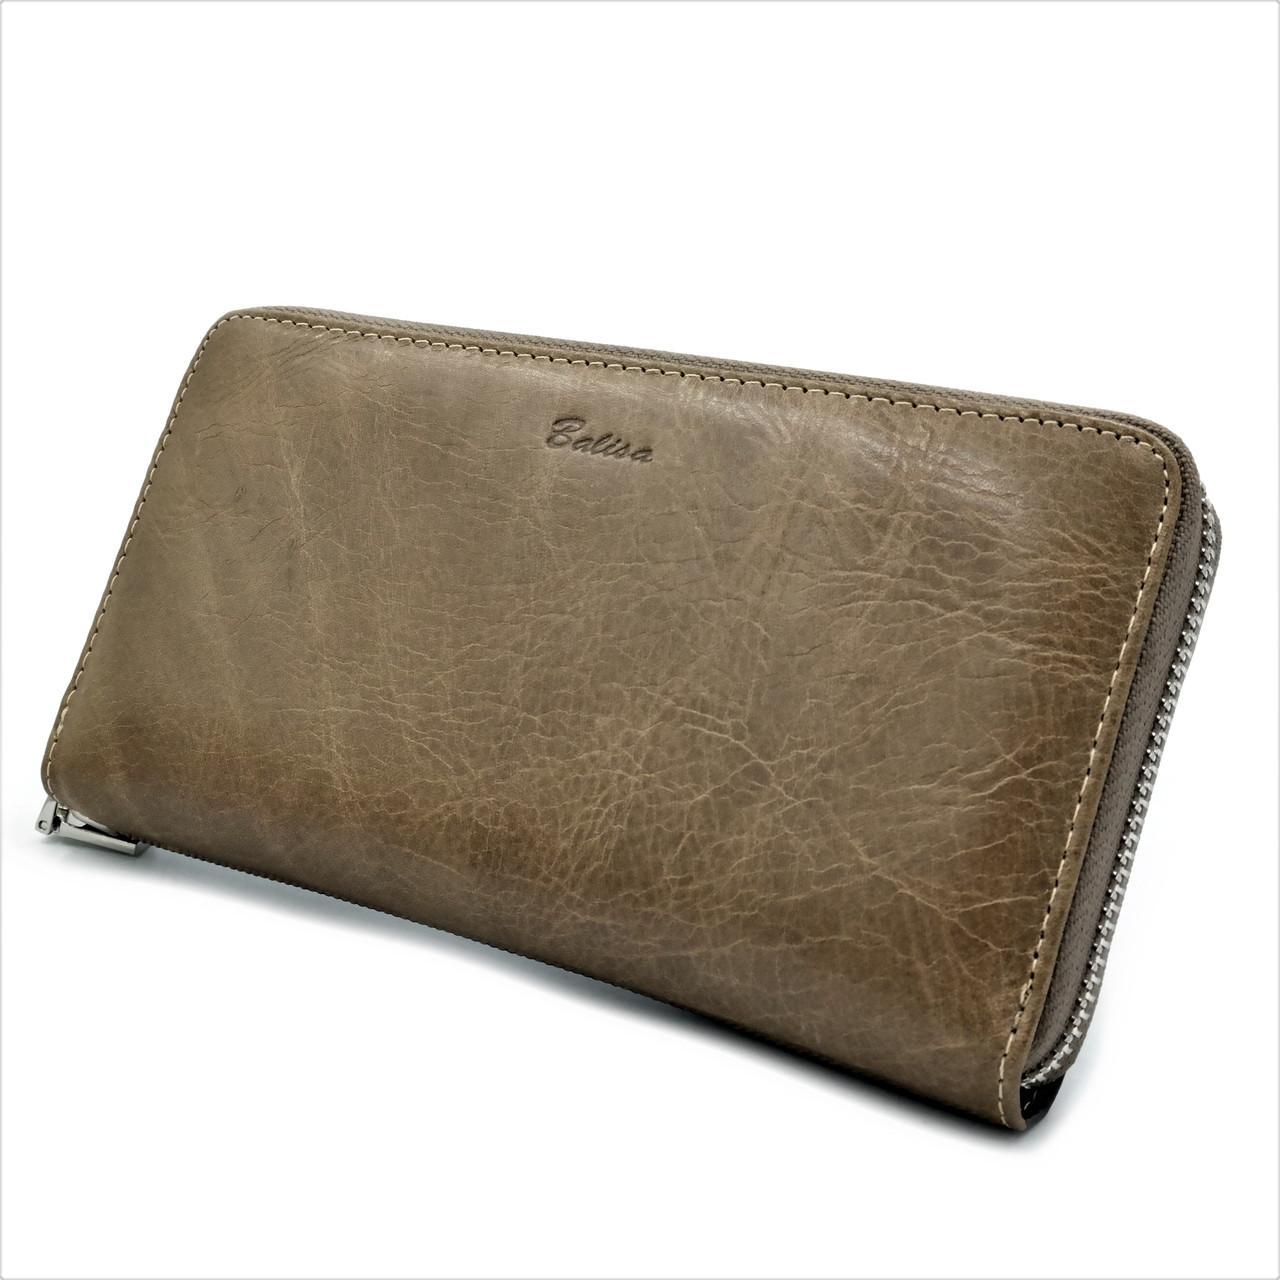 Жіночий шкіряний Бежевий + Чорний Гаманець сучасний для жінки гаманець якісний шкіряний для діву